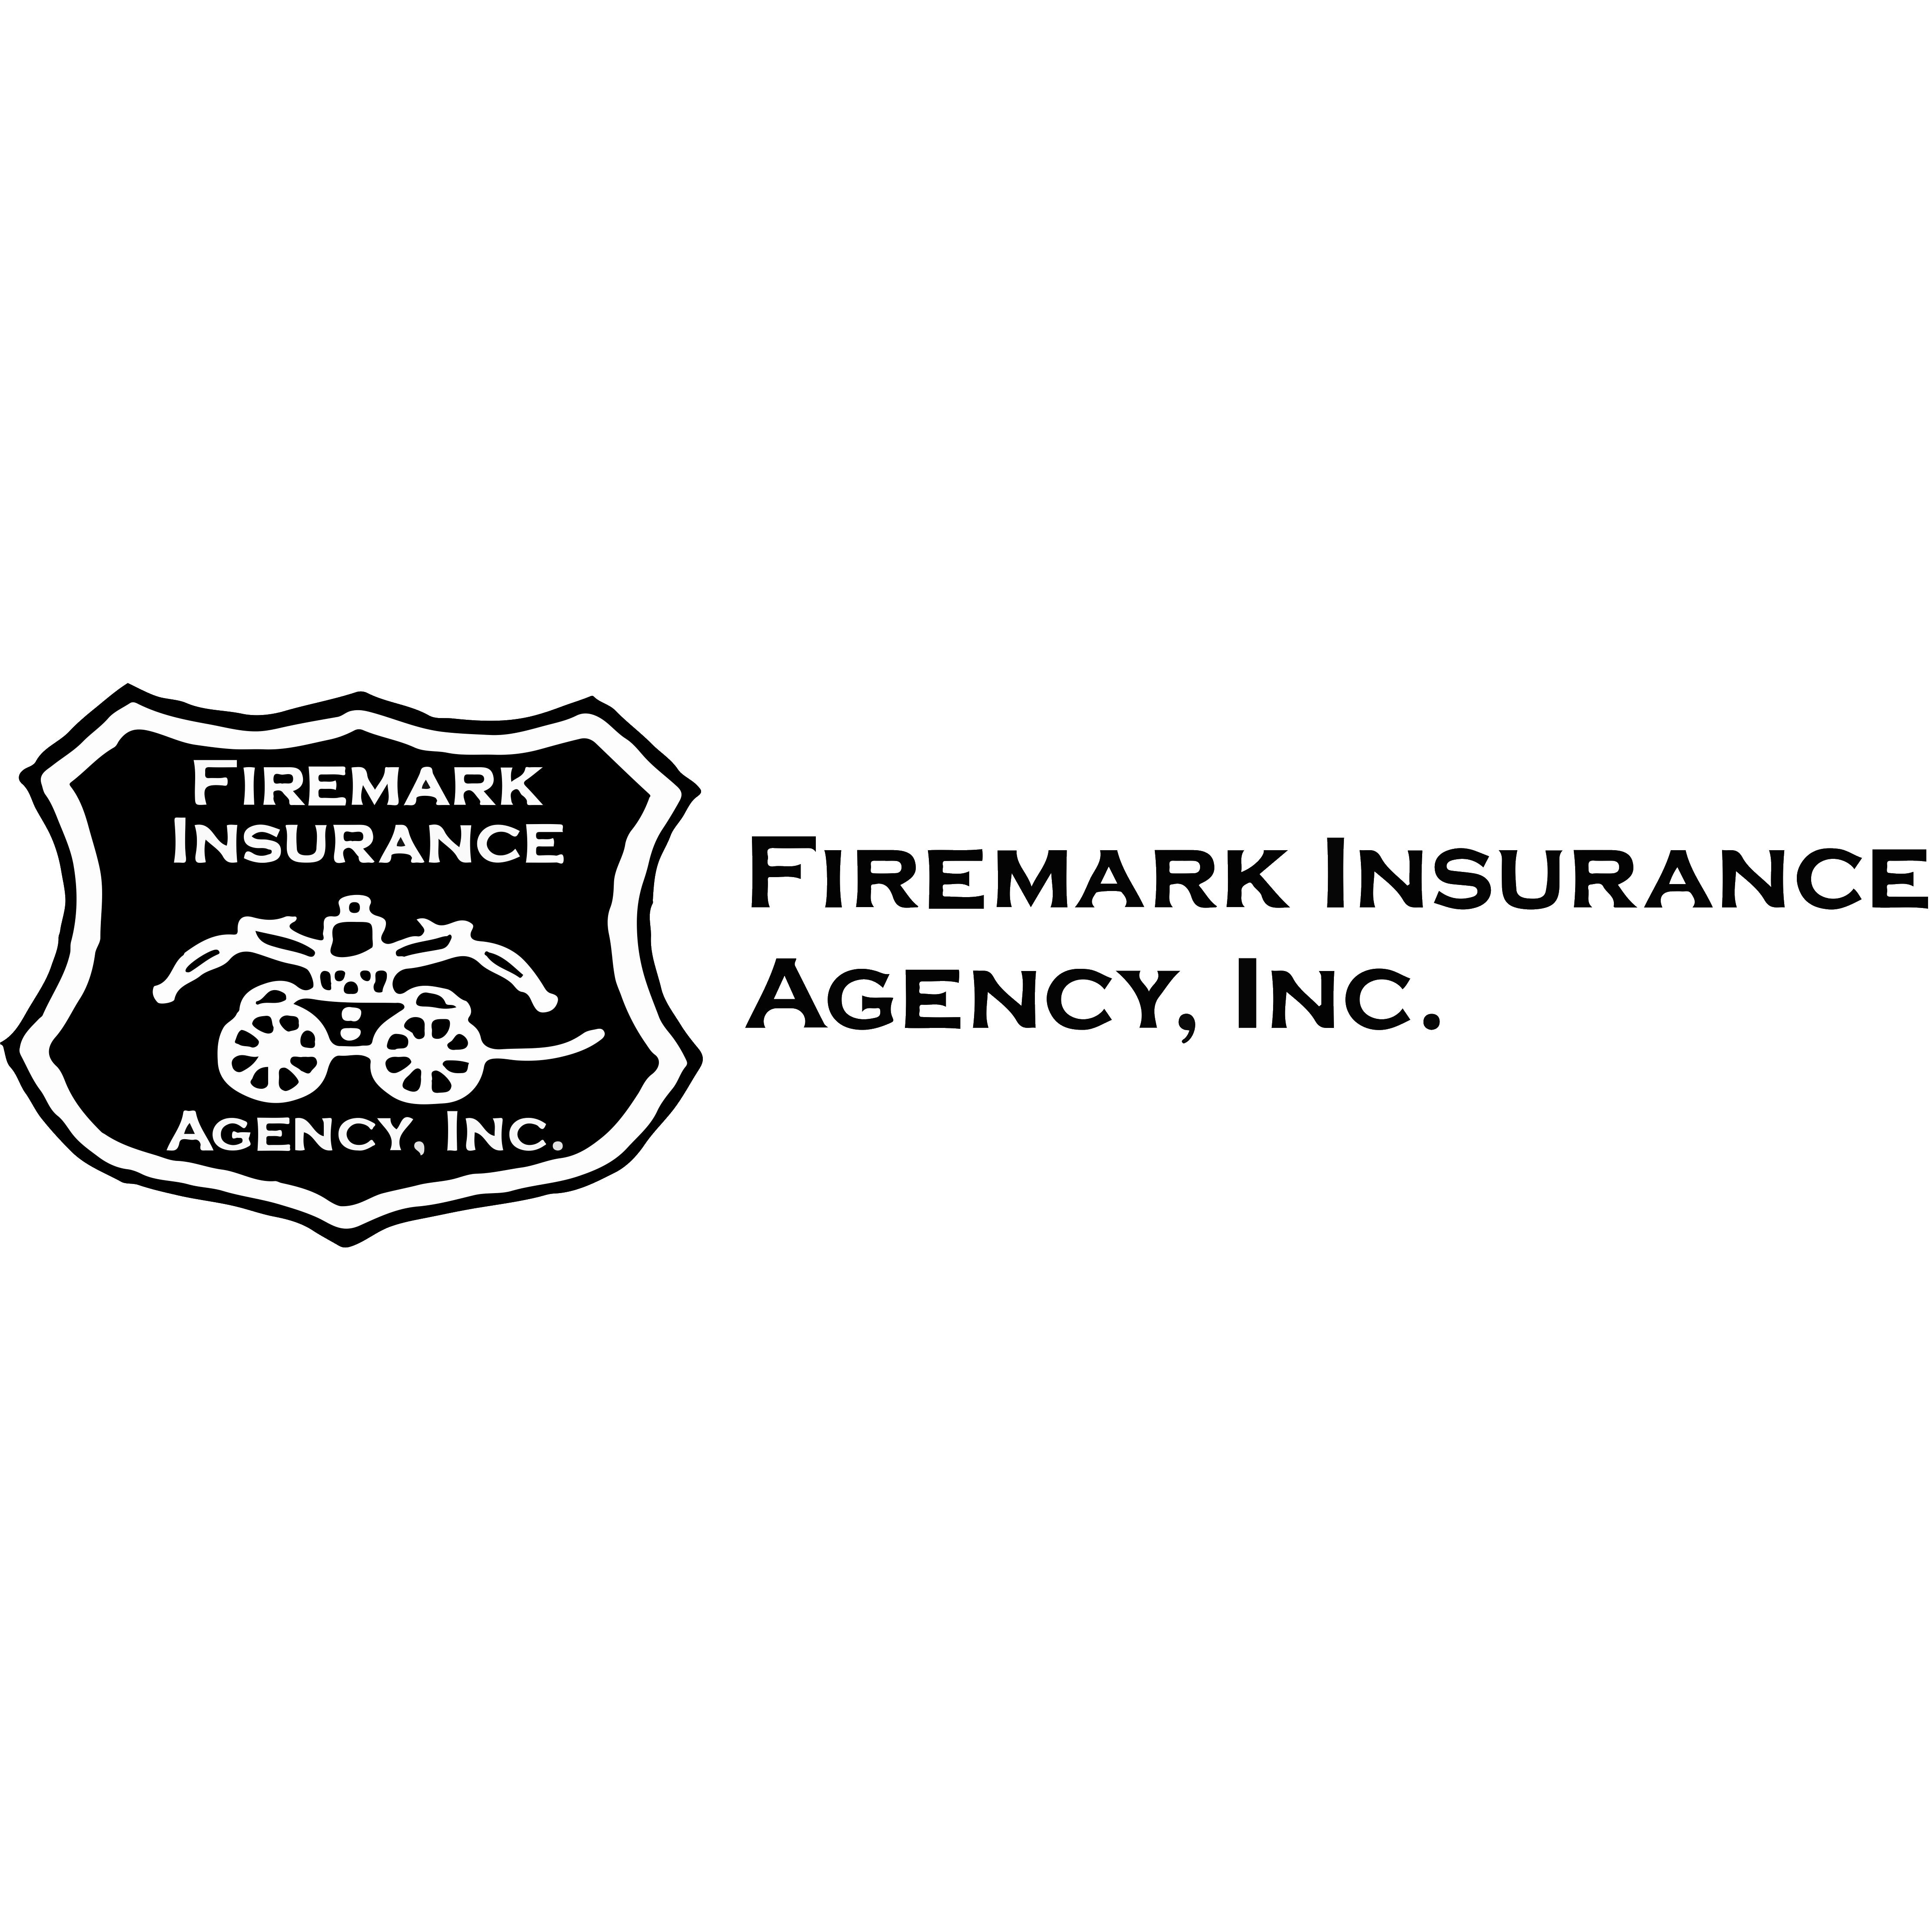 Firemark Insurance Agency, Inc.